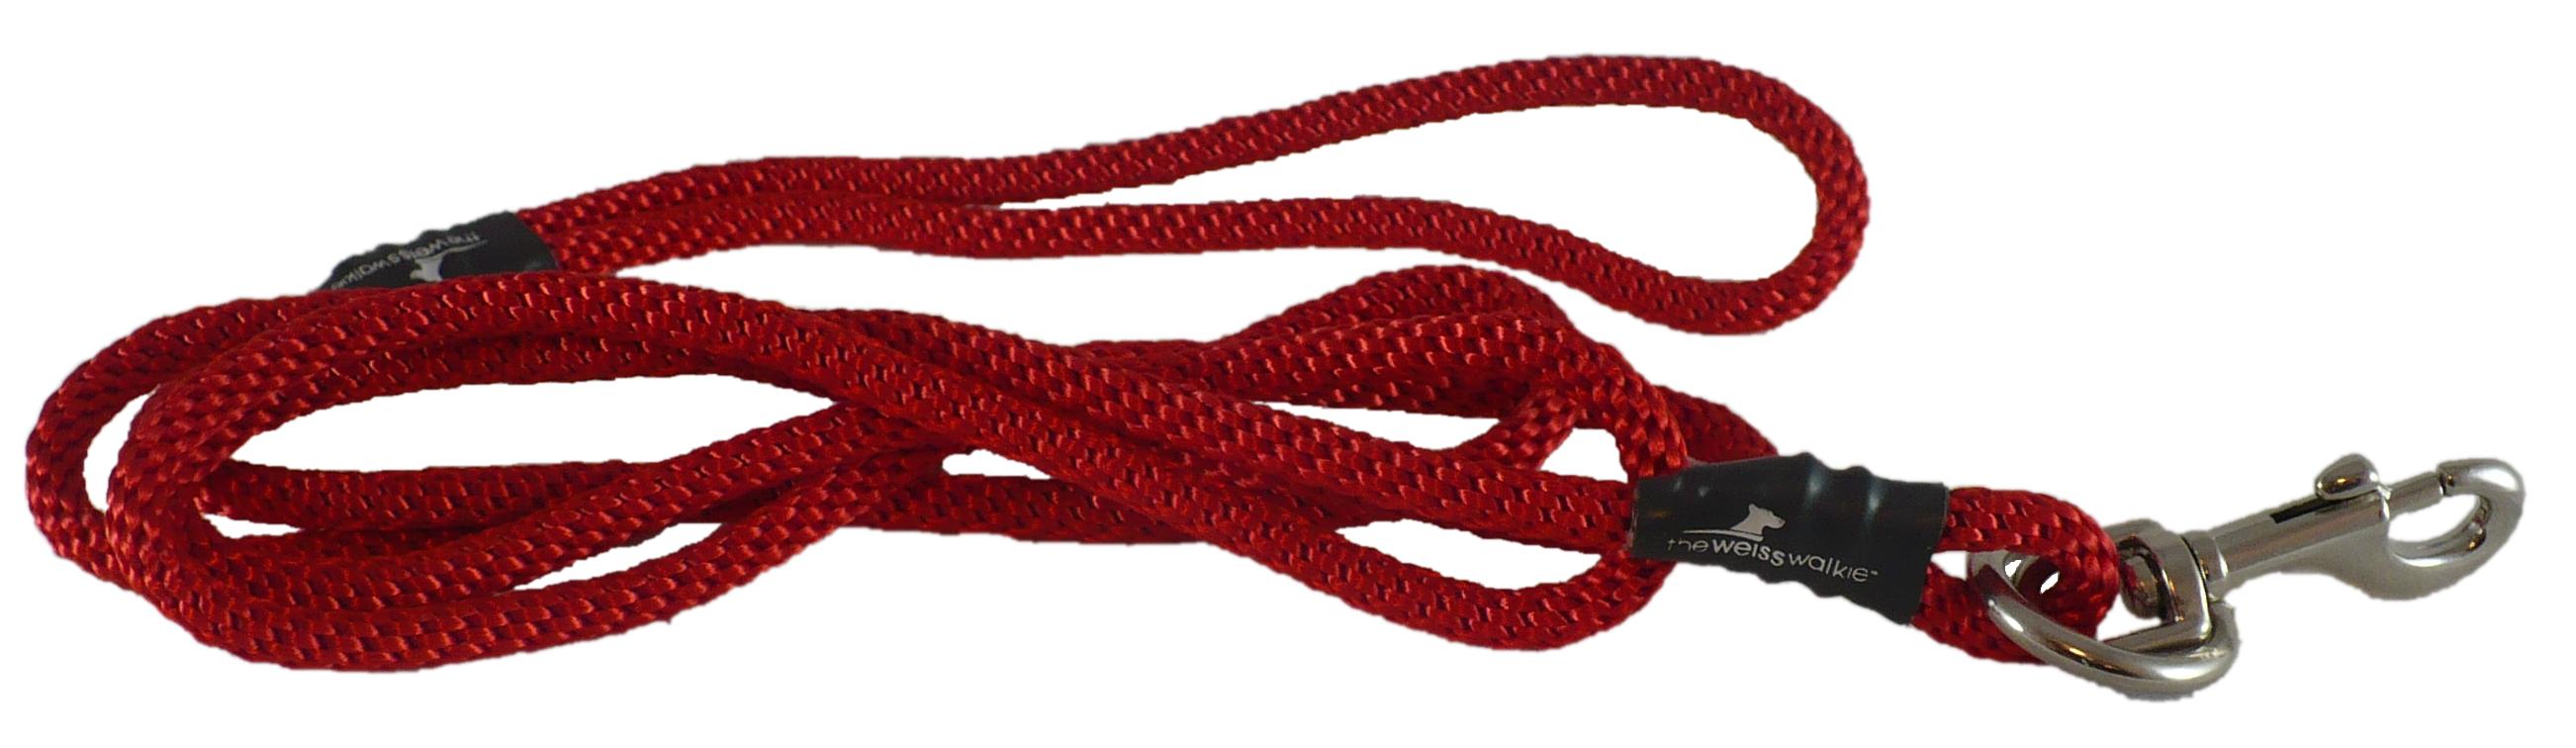 ww-dog-leash-5.jpg